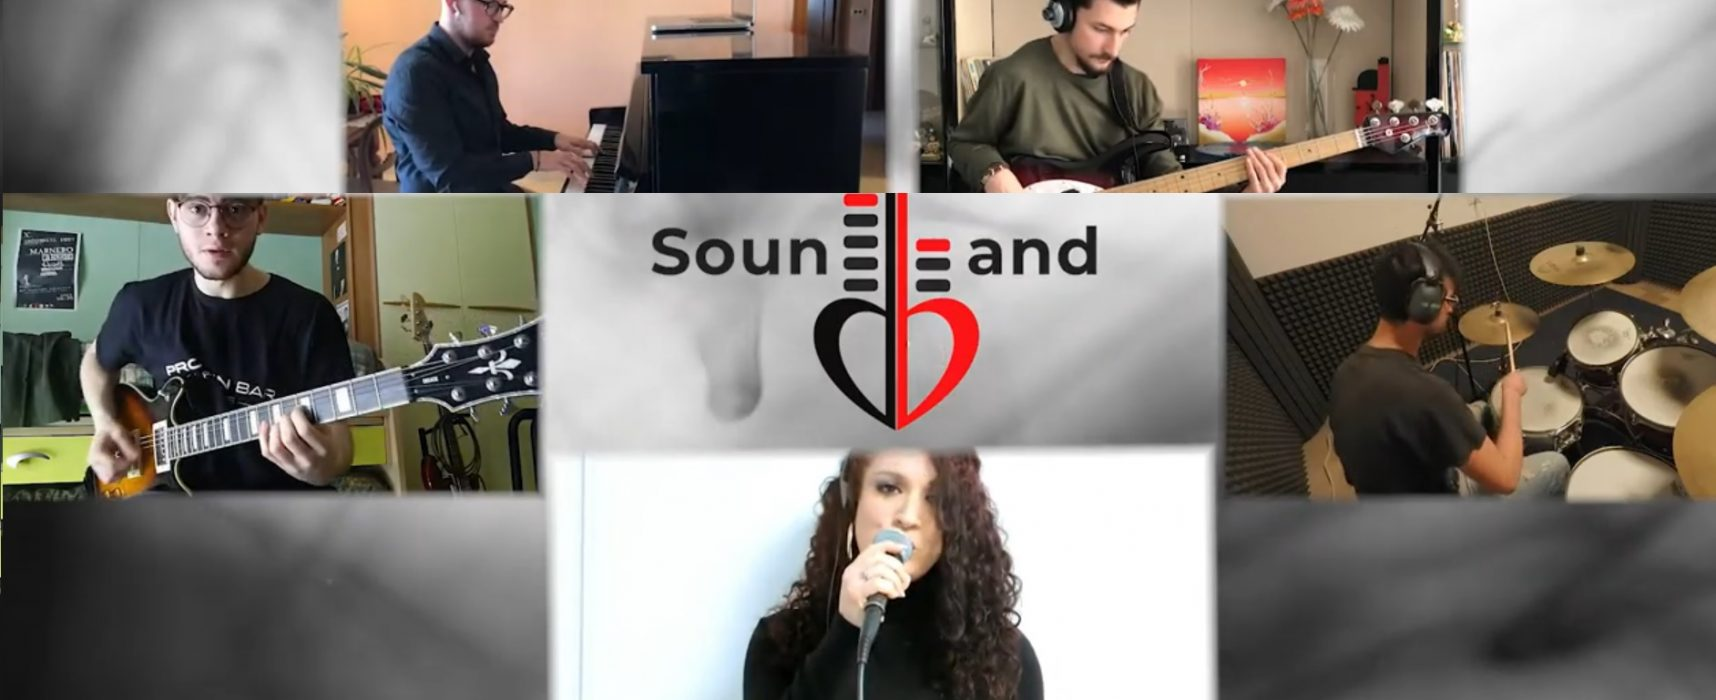 Le note dei Soundband per alleviare i giorni di distanziamento sociale / VIDEO